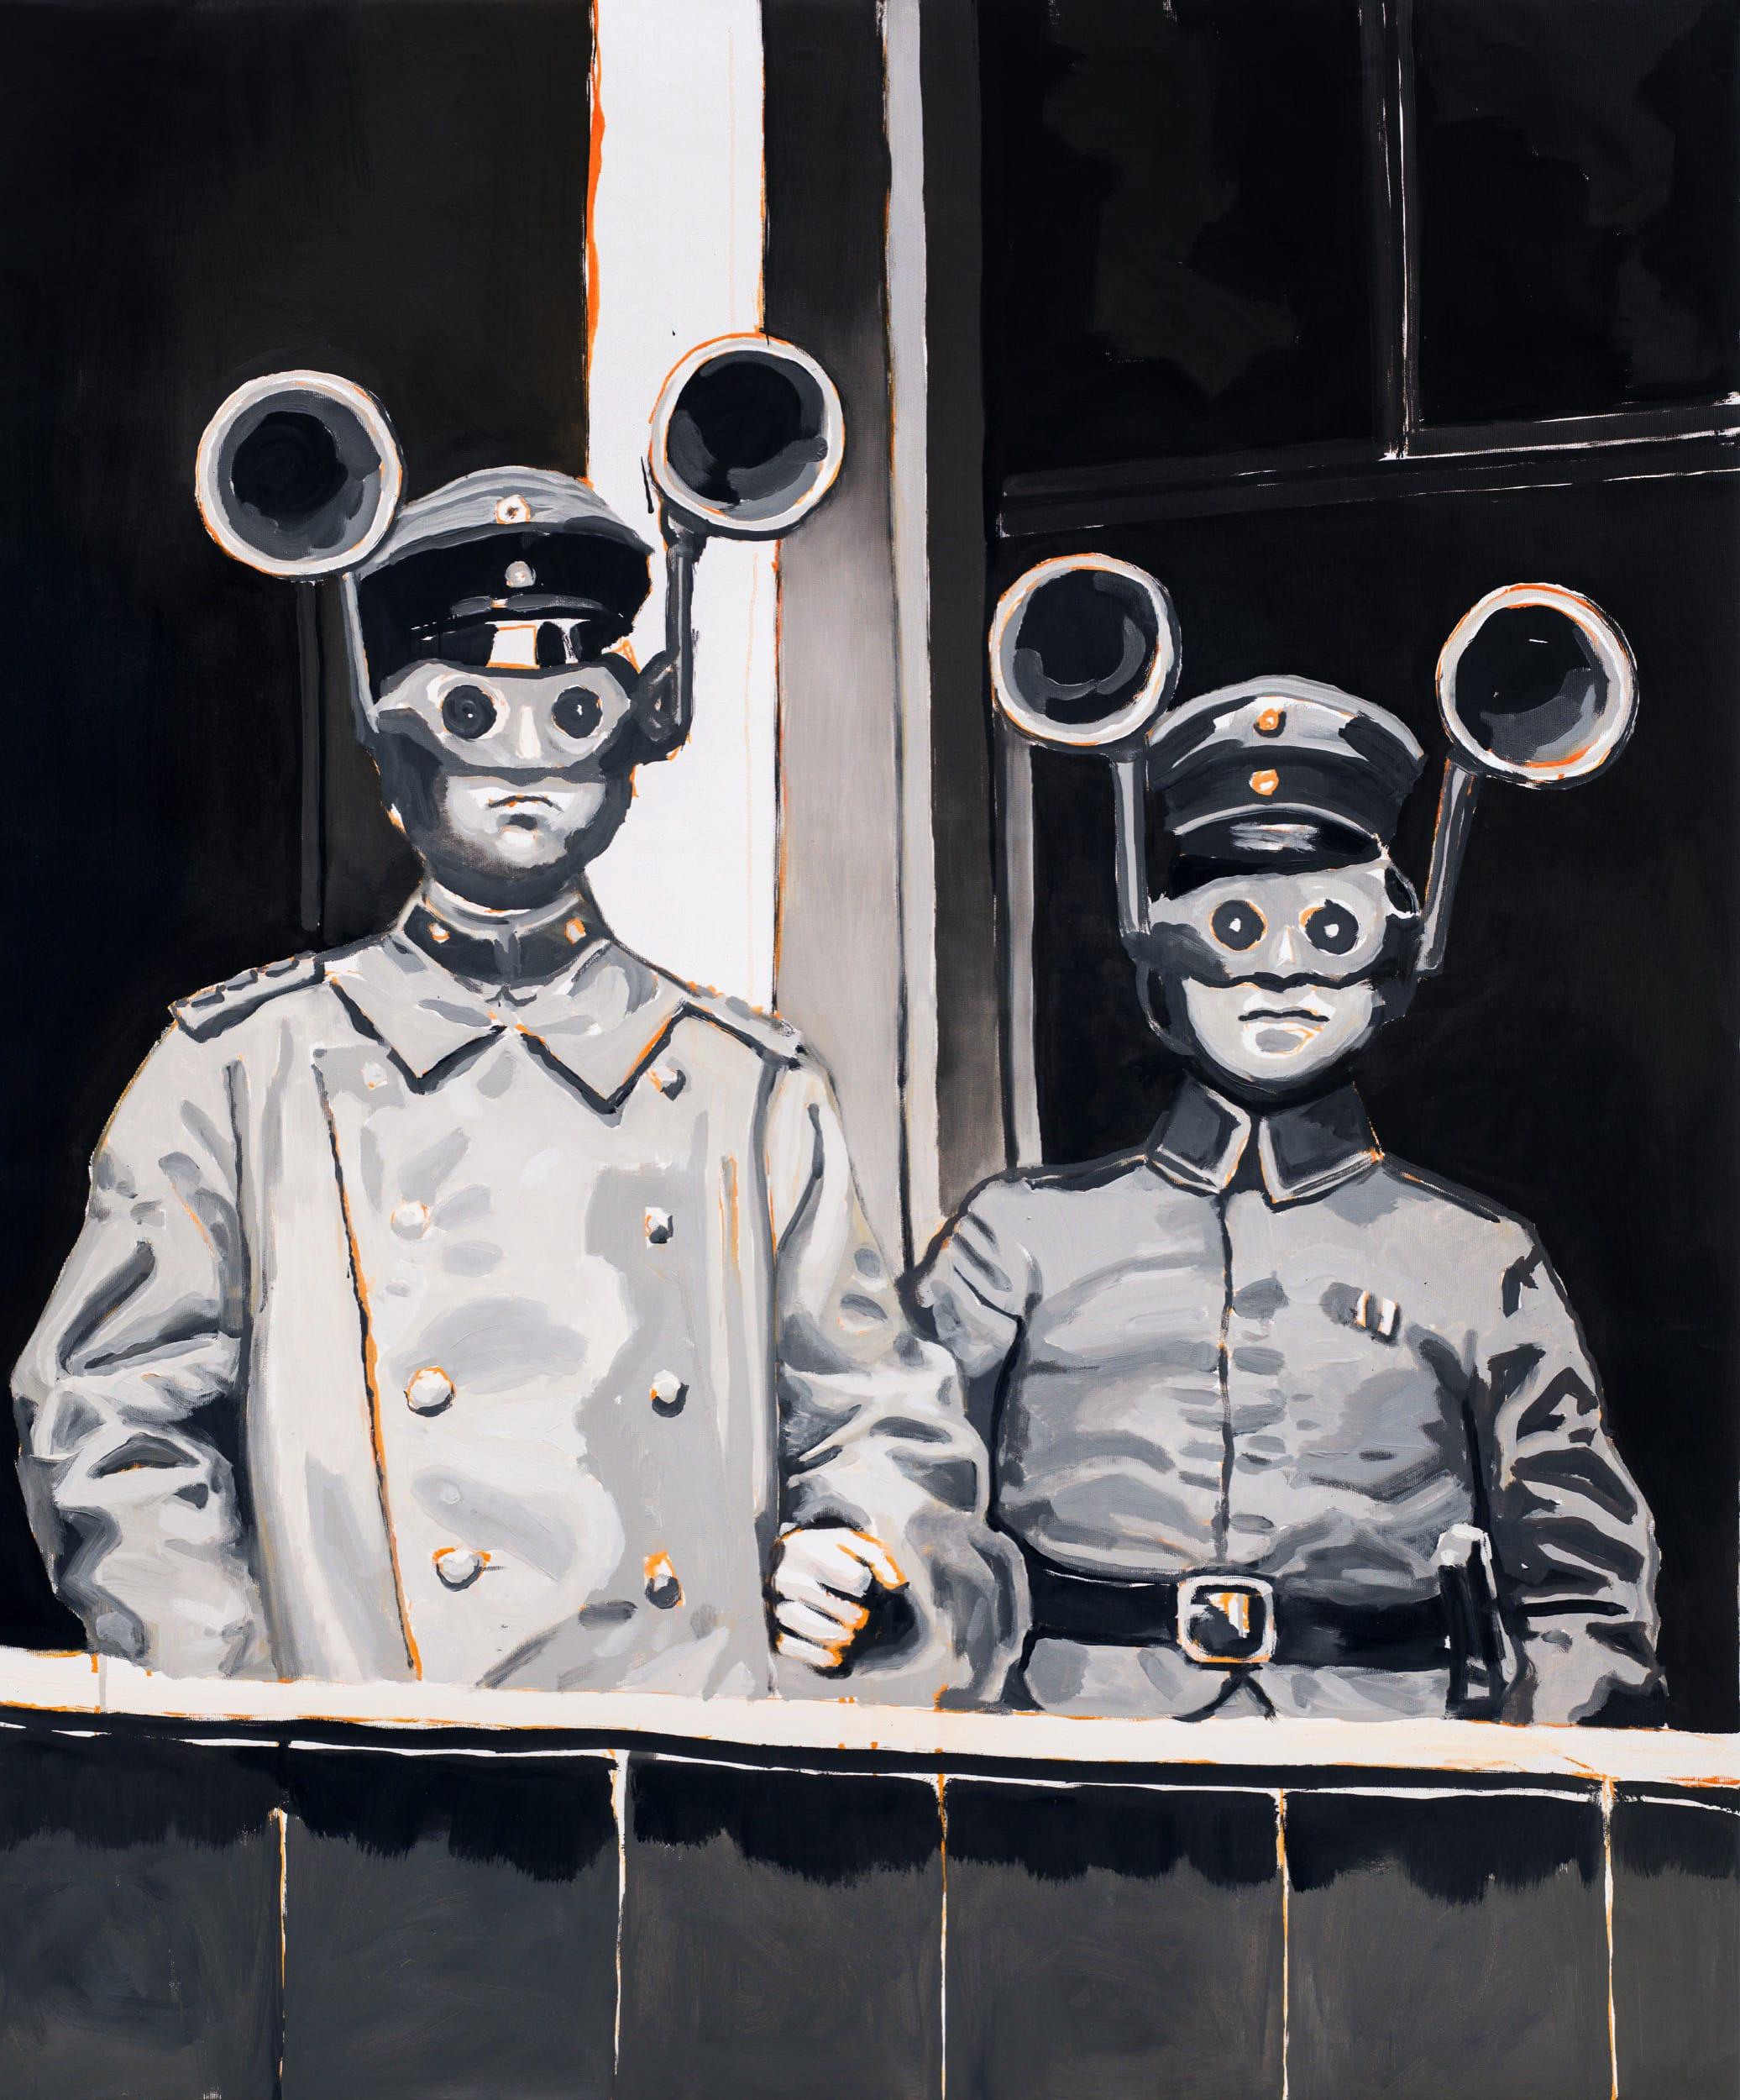 Acoustic locators. Oil on canvas, 80 x 100 cm, 2019